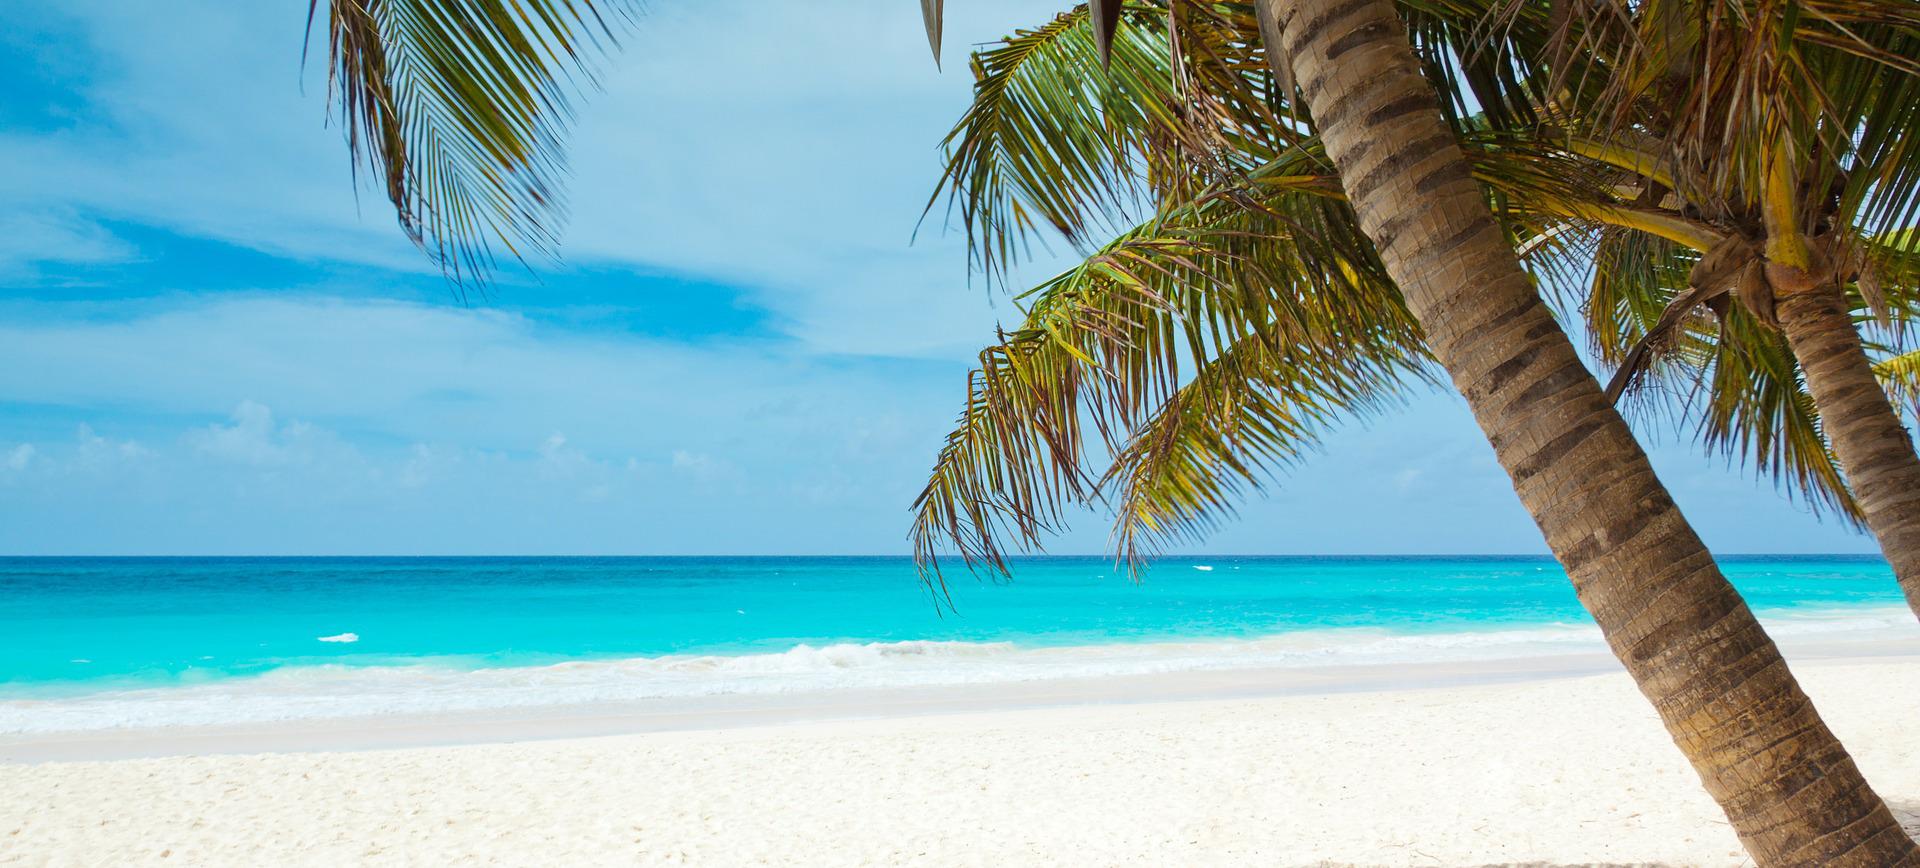 beach-84560_1920